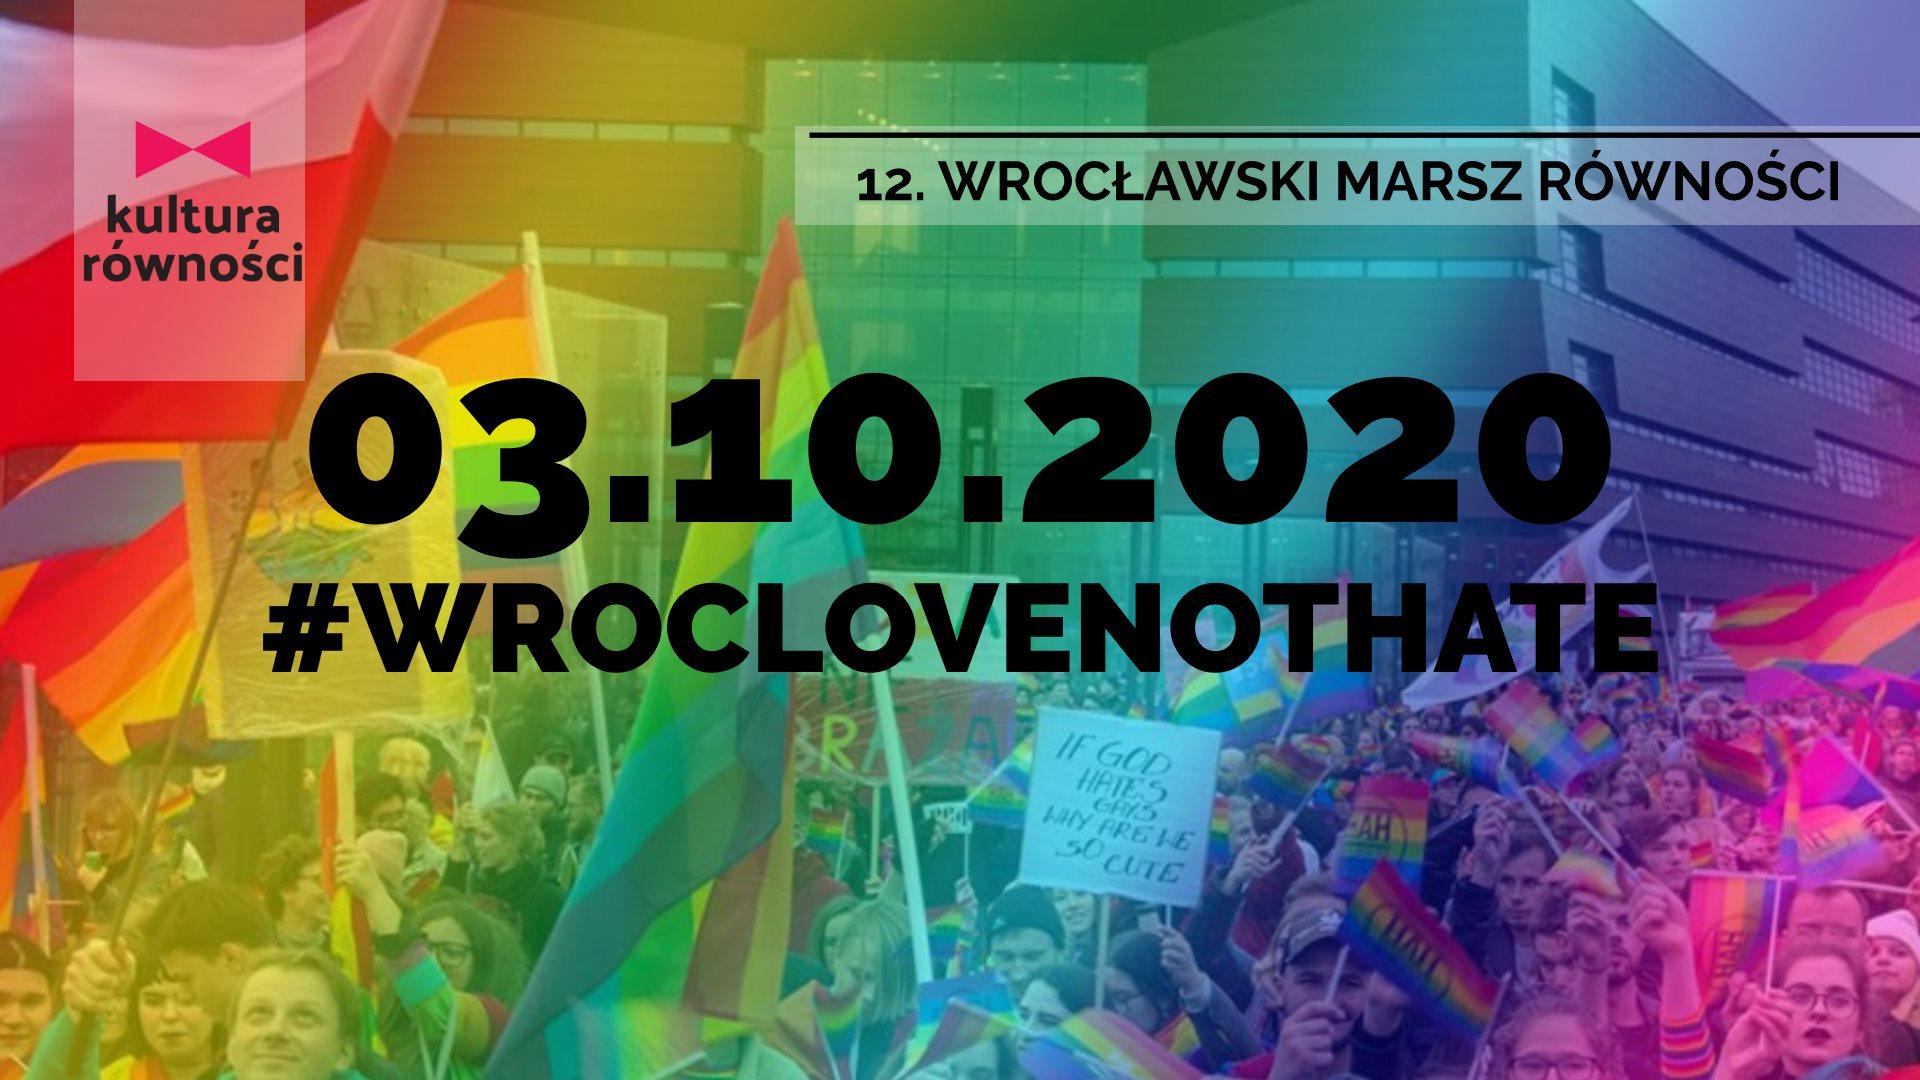 Marsz rownosci Wroclaw 2020 Milosc Nie Wyklucza